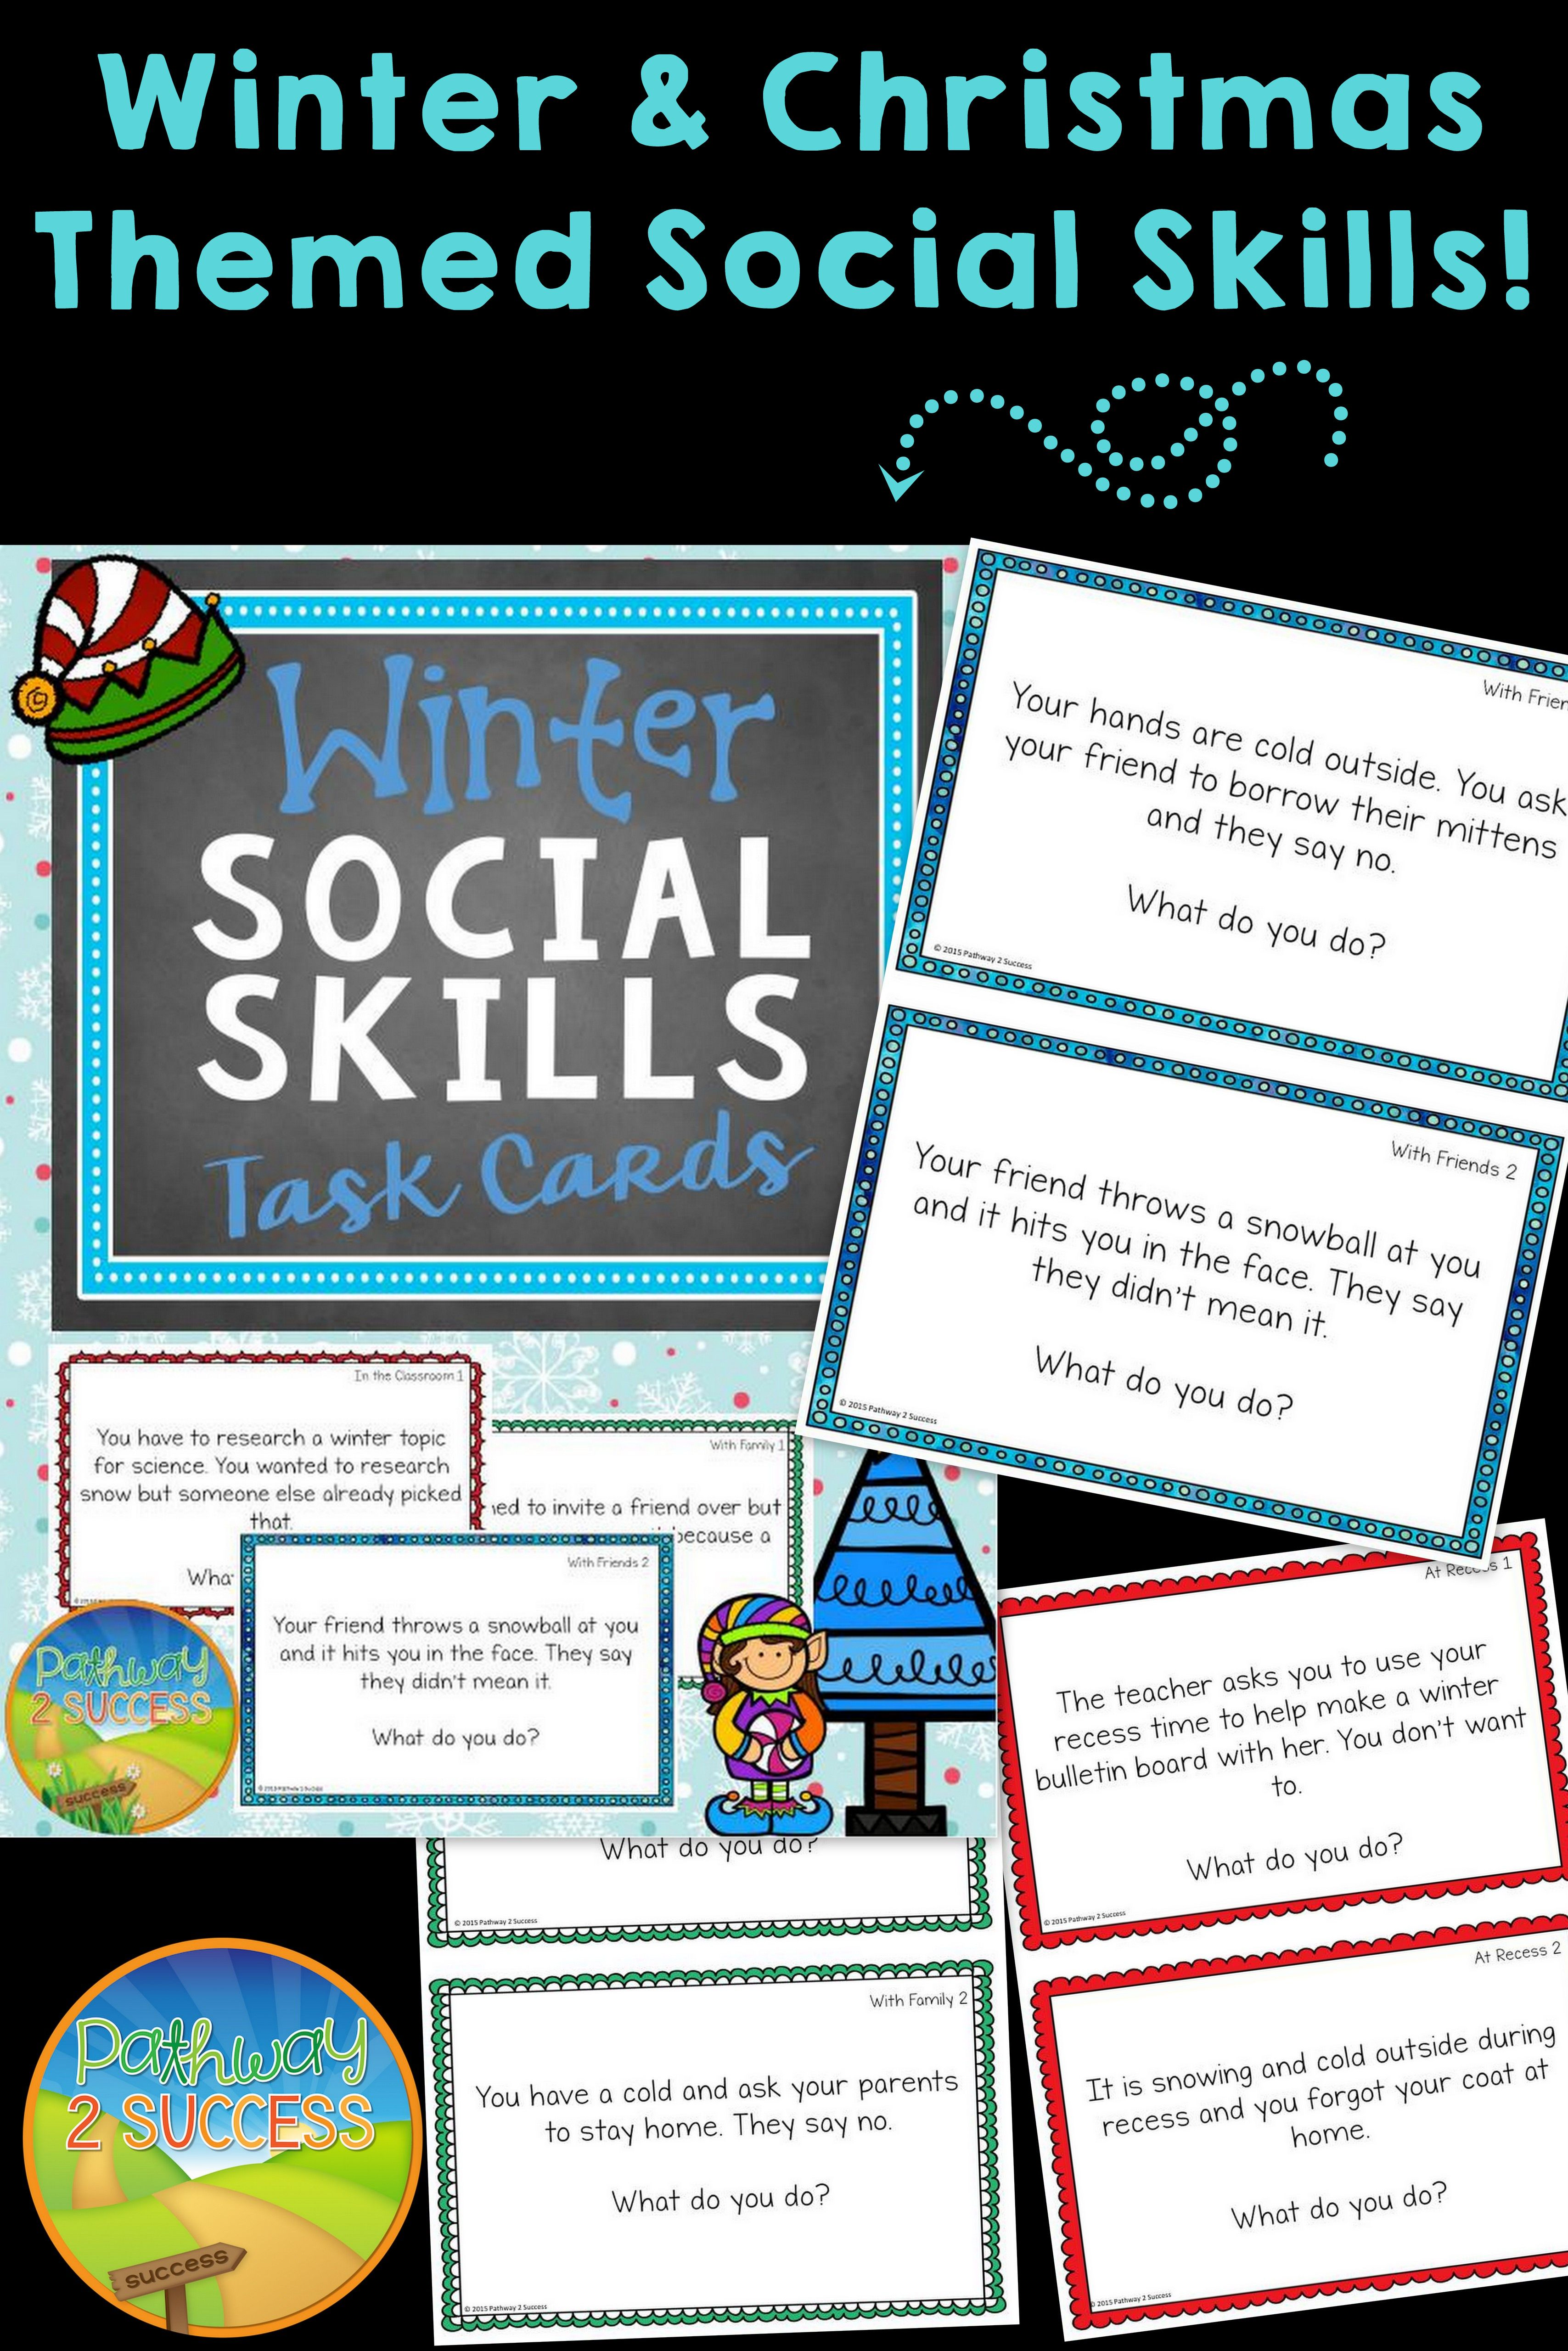 Winter Social Skills Task Cards